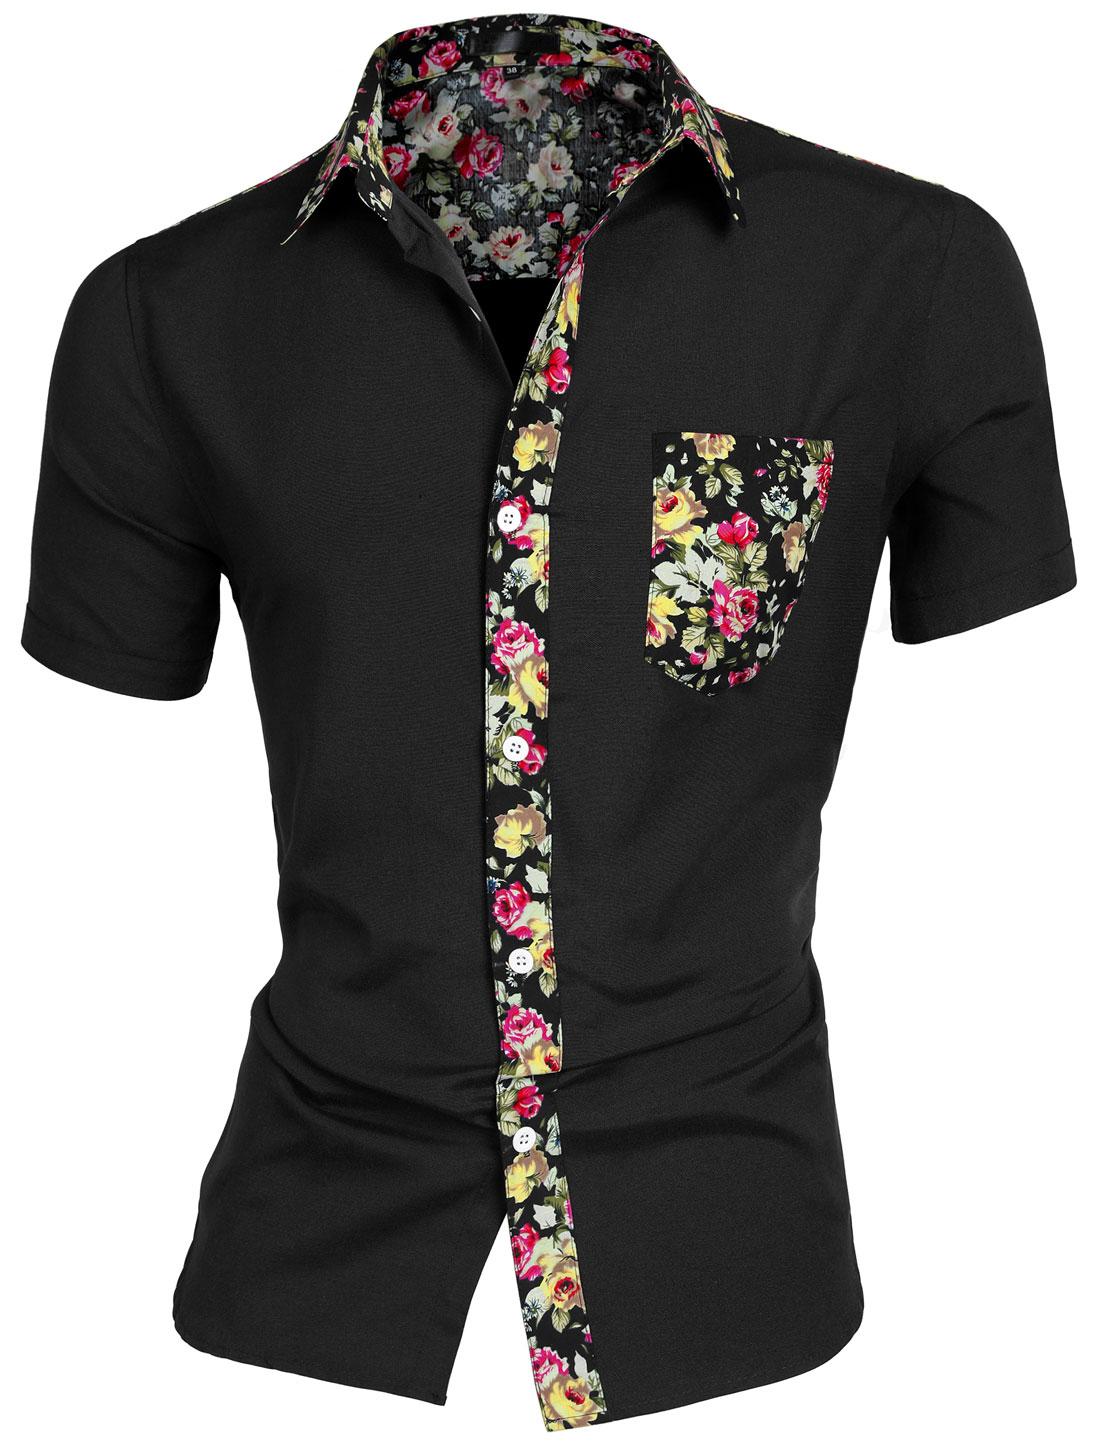 Men Short Sleeve Floral Prints Single Breasted Pocket Shirt Black S